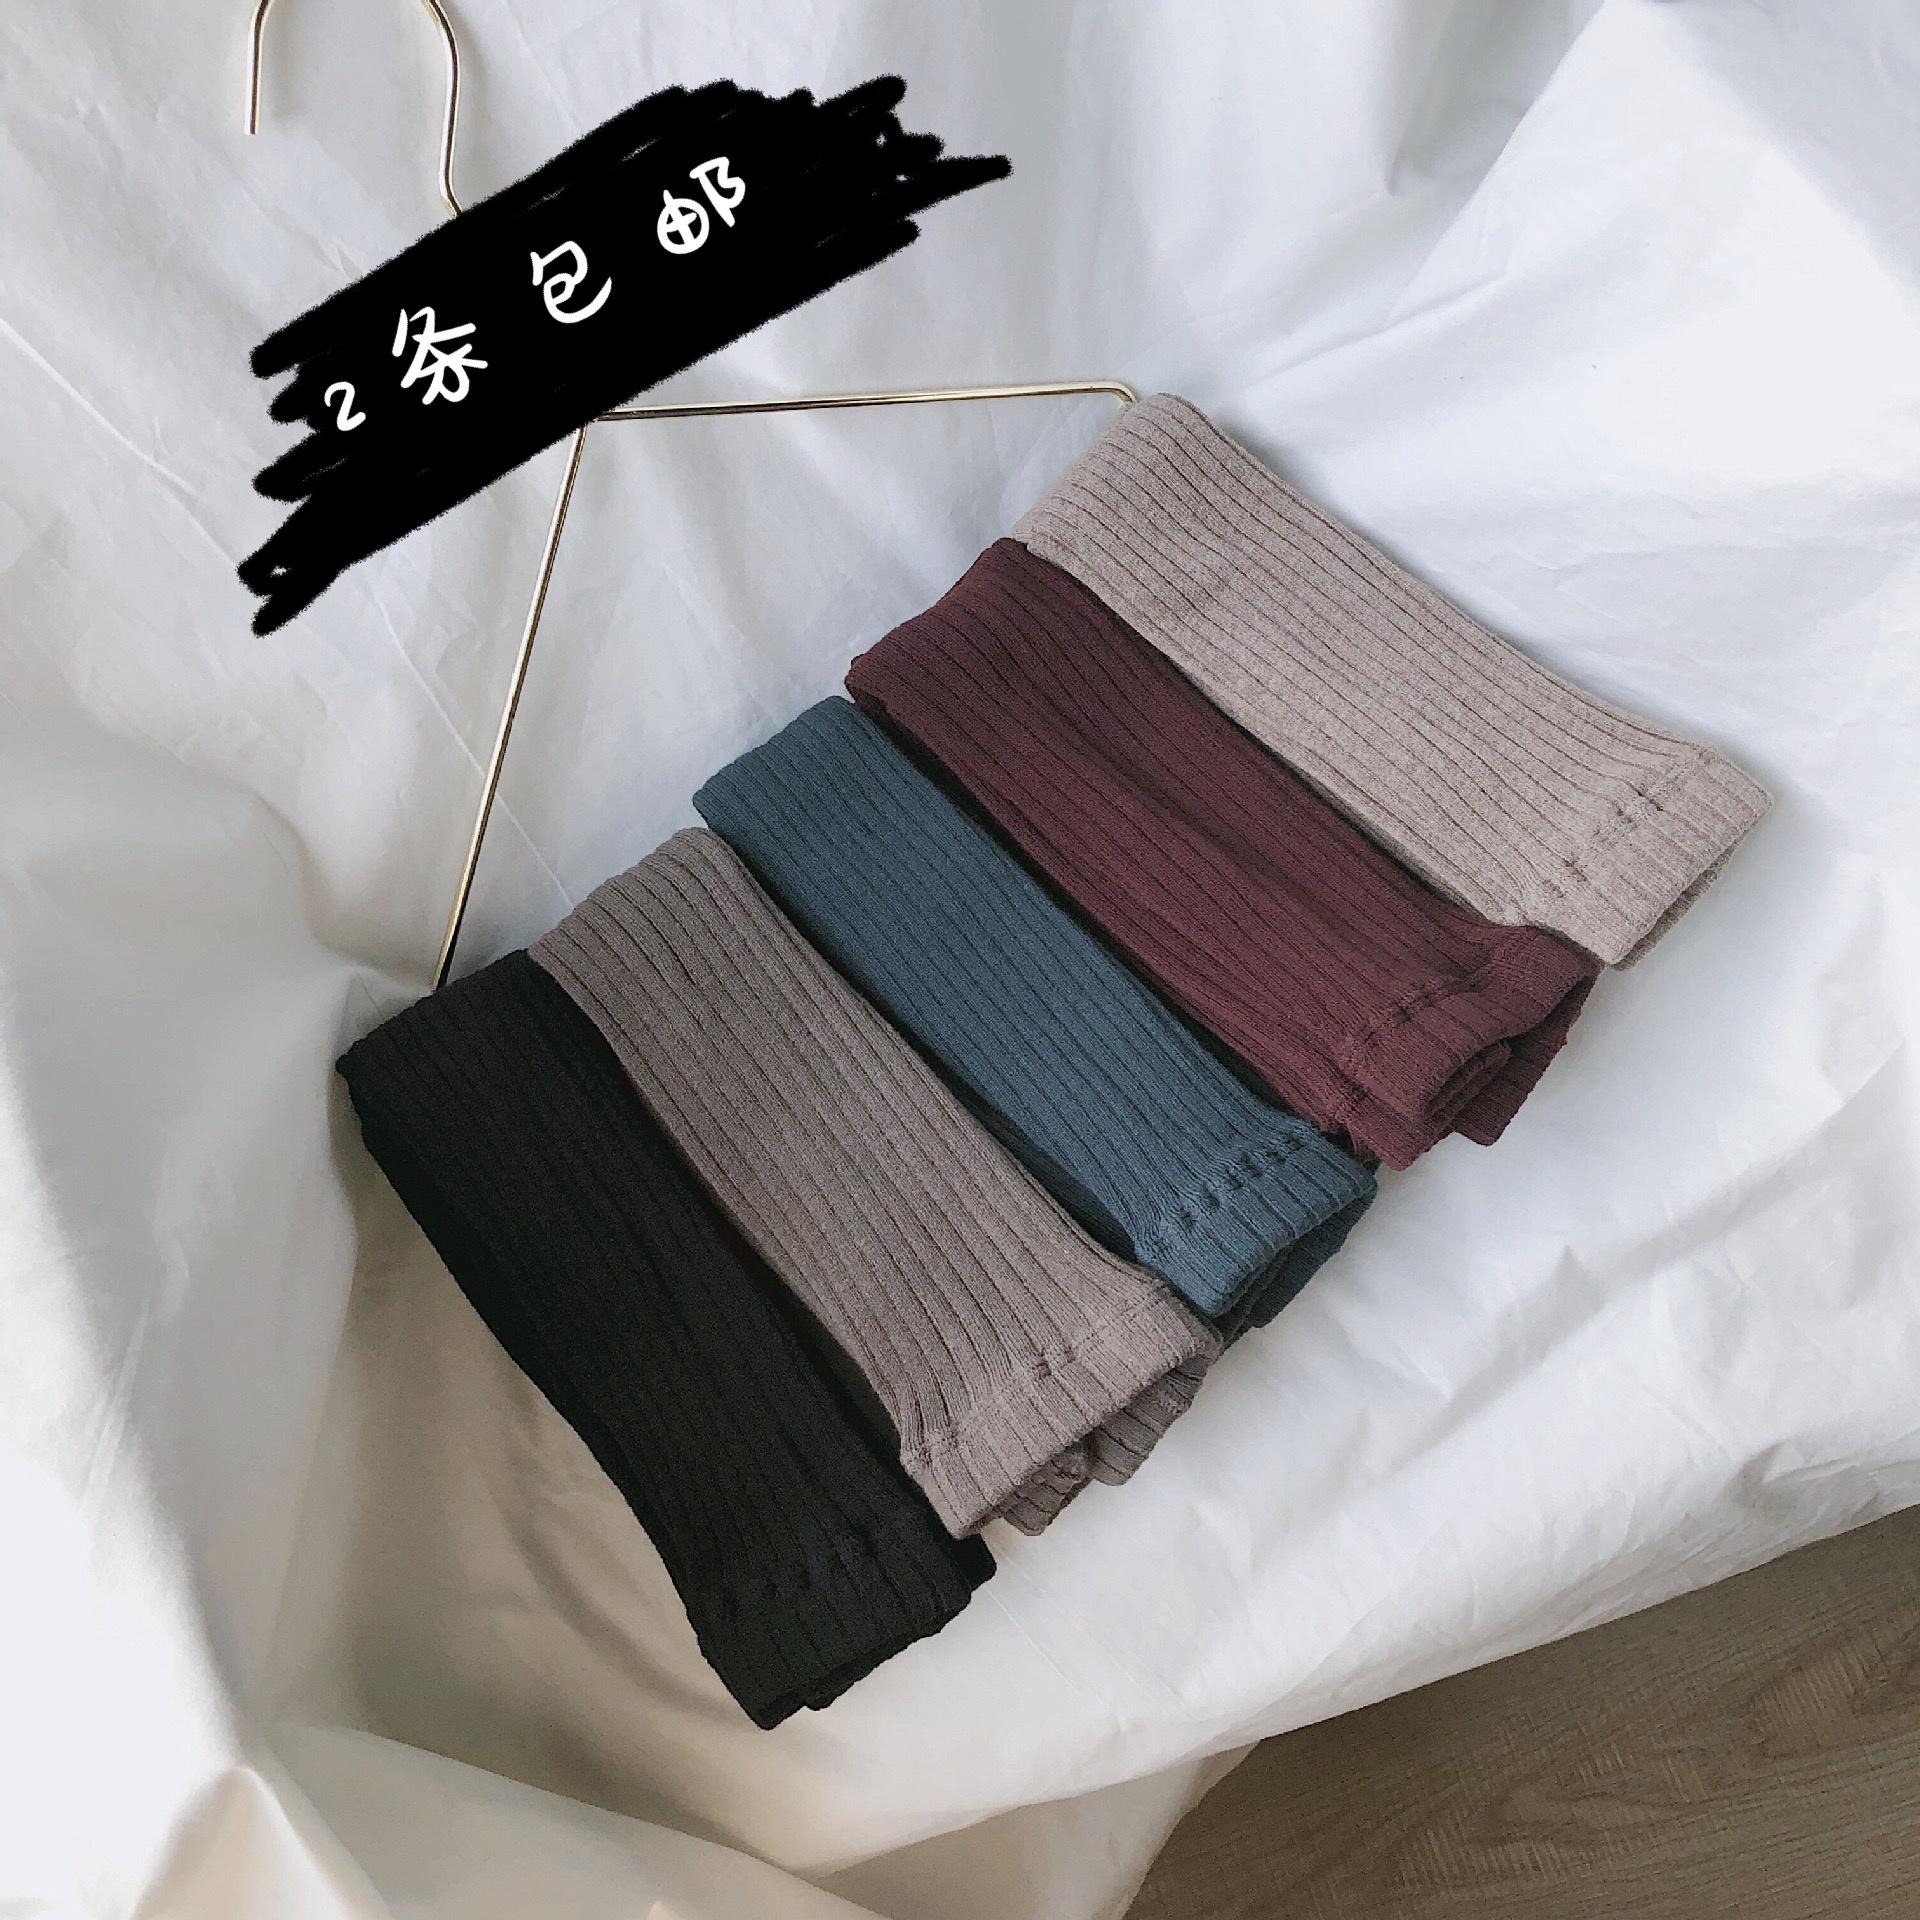 19秋季新品针织男童九分裤纯色长裤